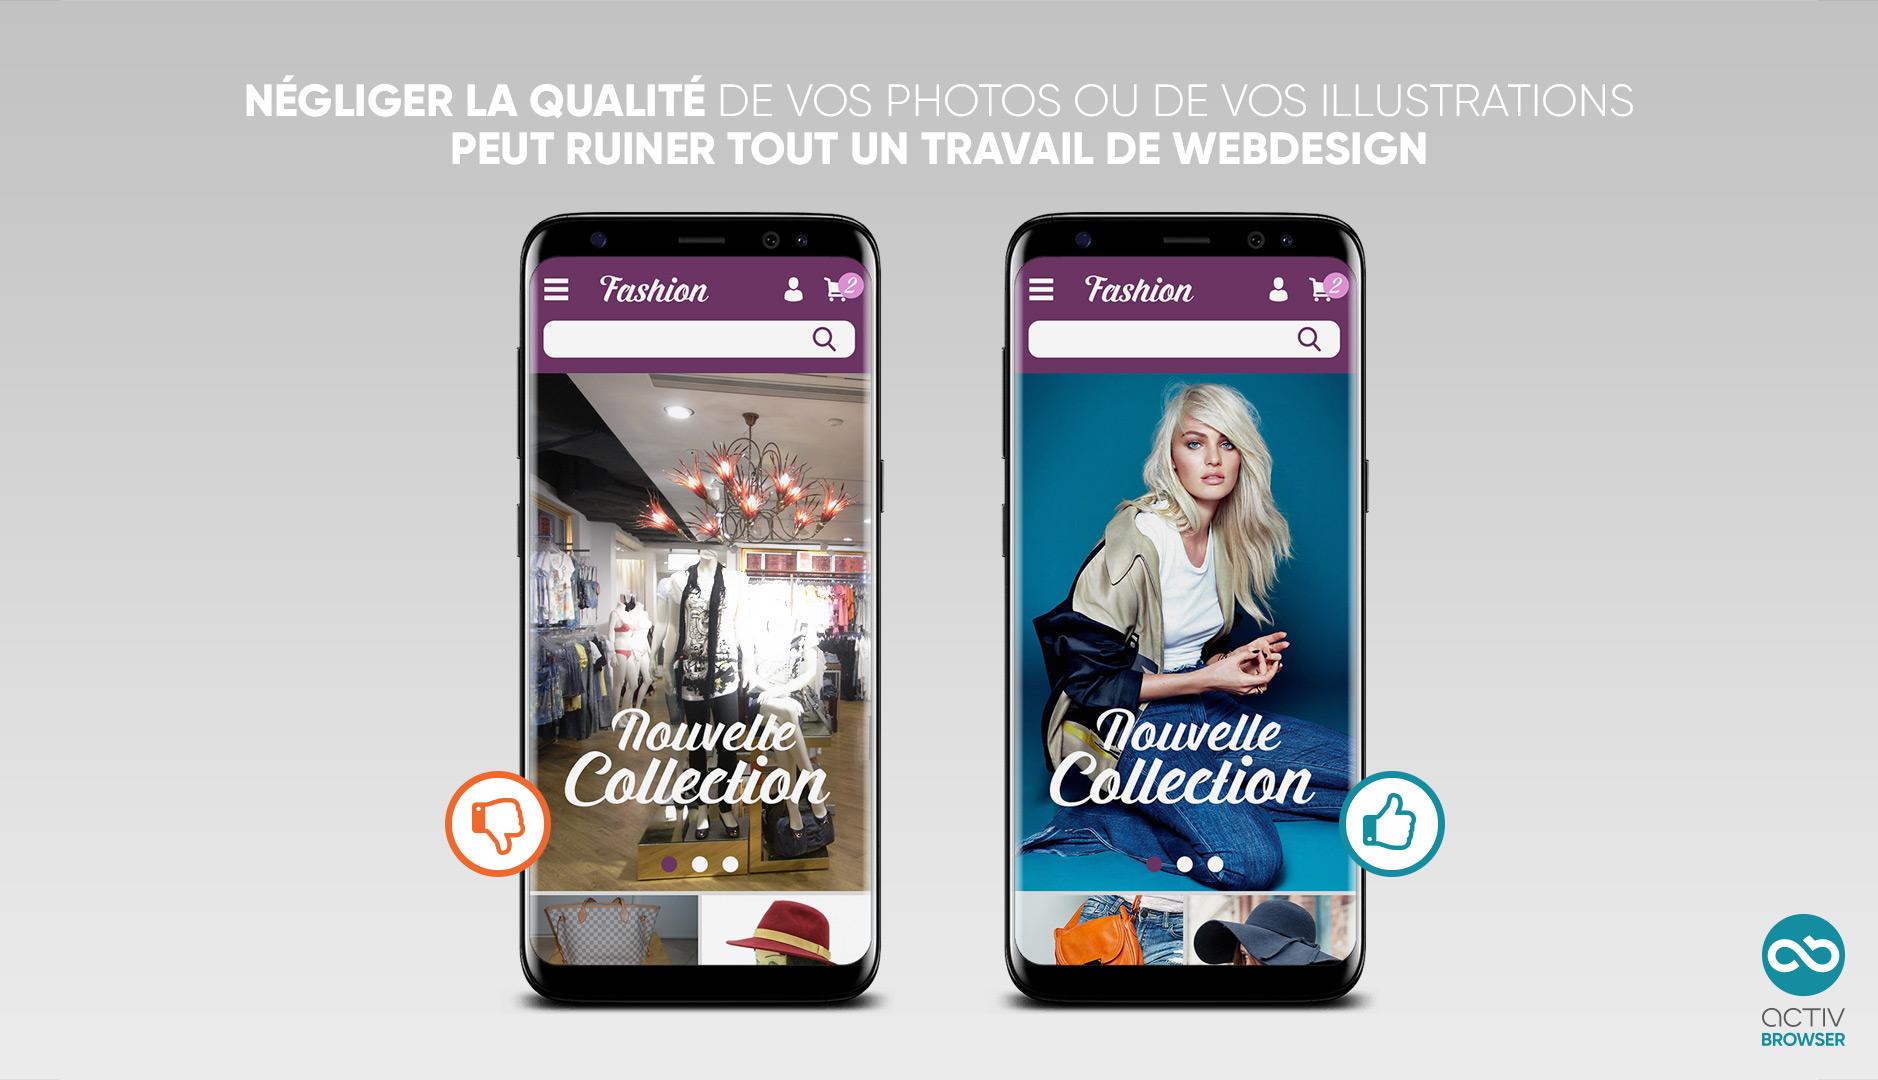 Comparaison du rendu d'un site ecommerce en mobile avec des photos de bonne et de mauvaise qualité